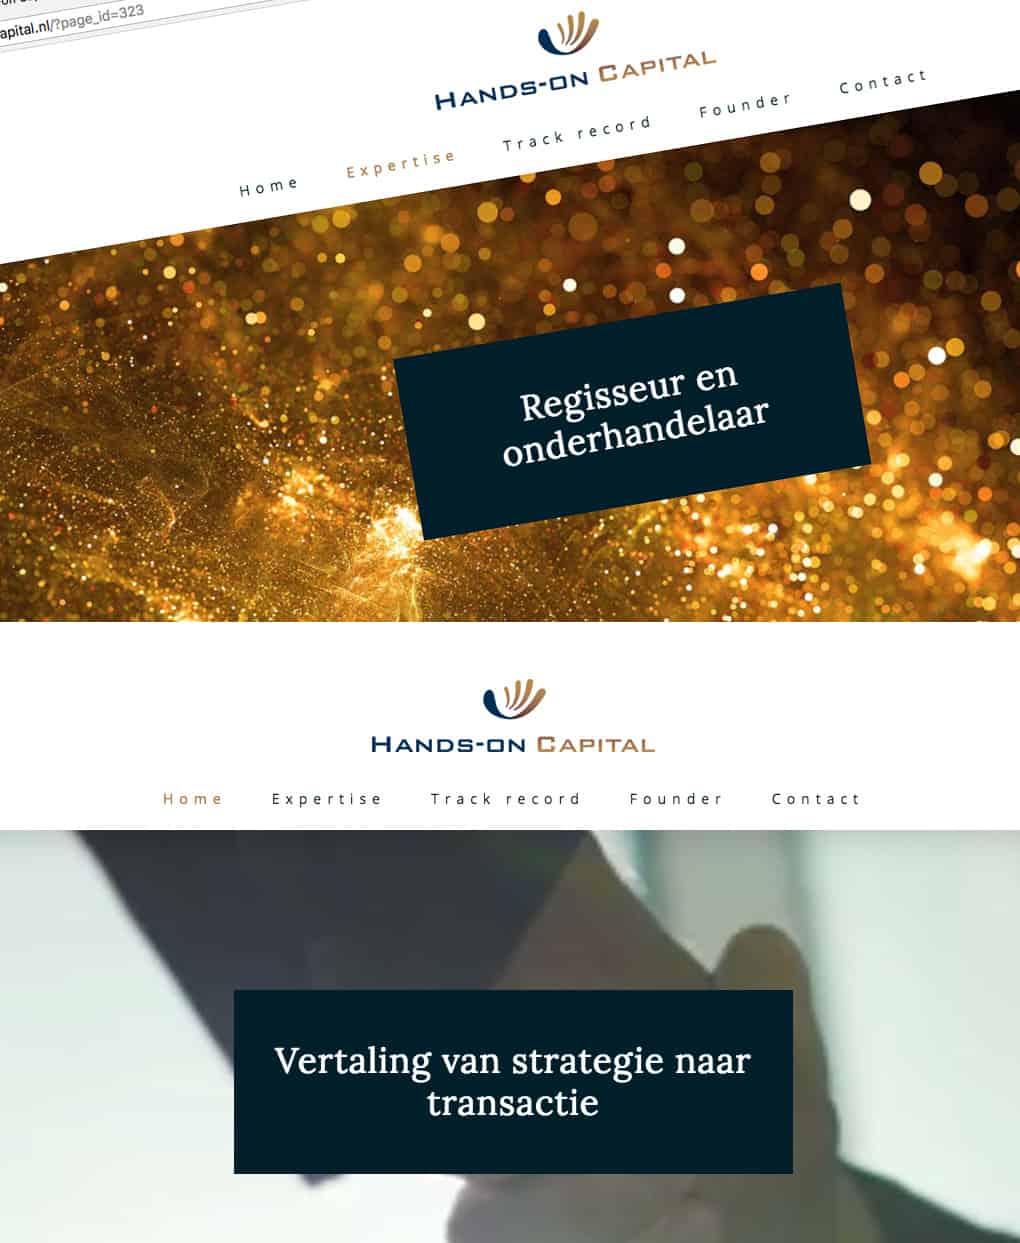 hands on capital website